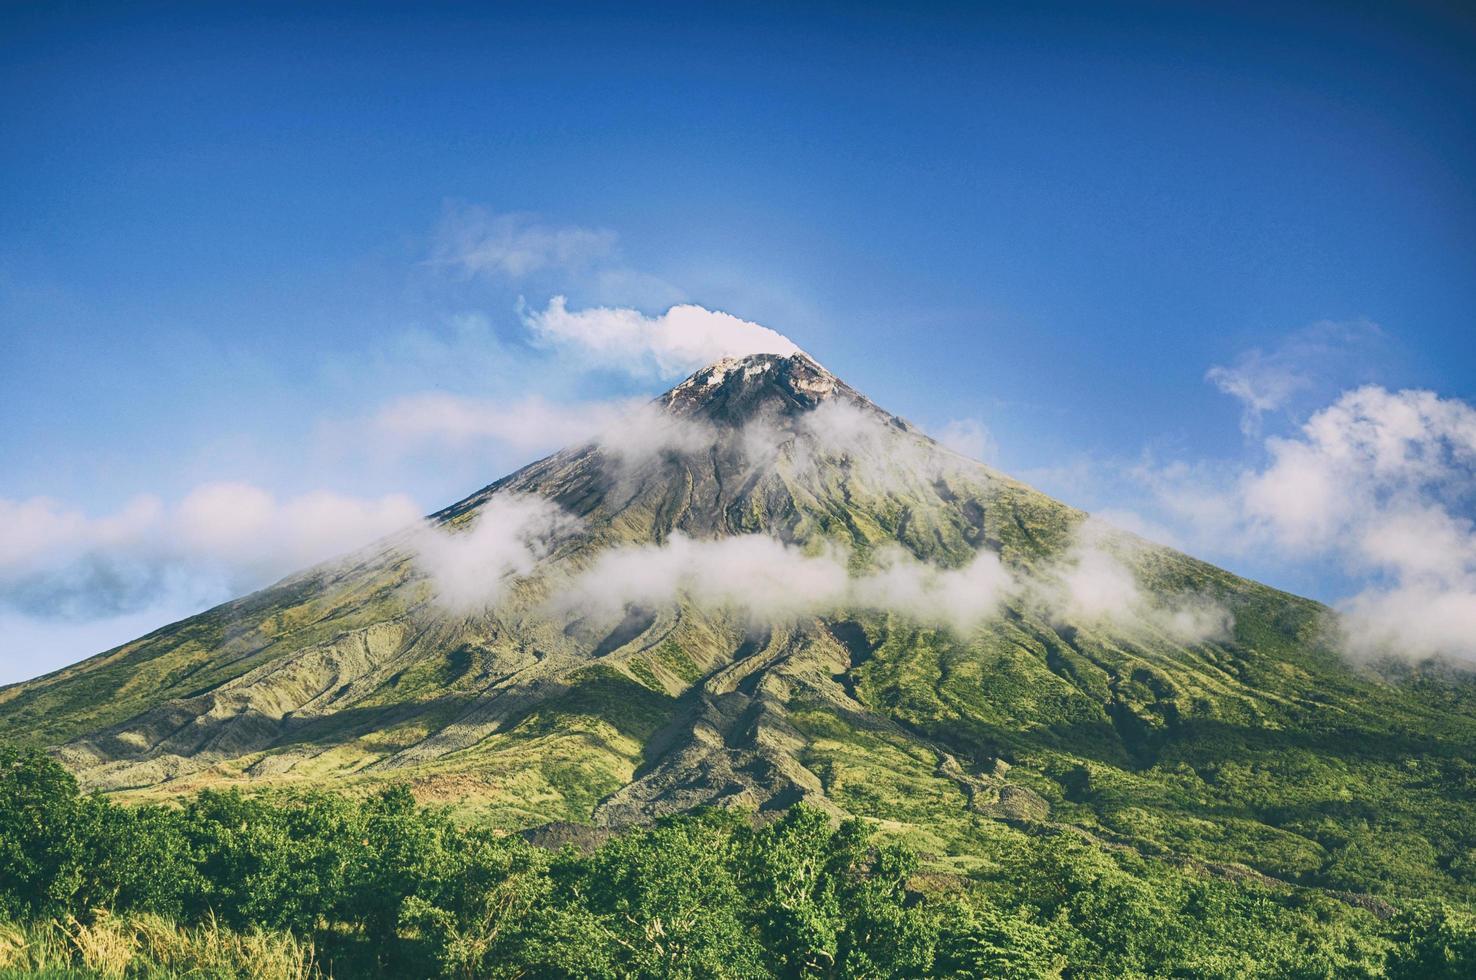 montagne verte sous le ciel bleu photo